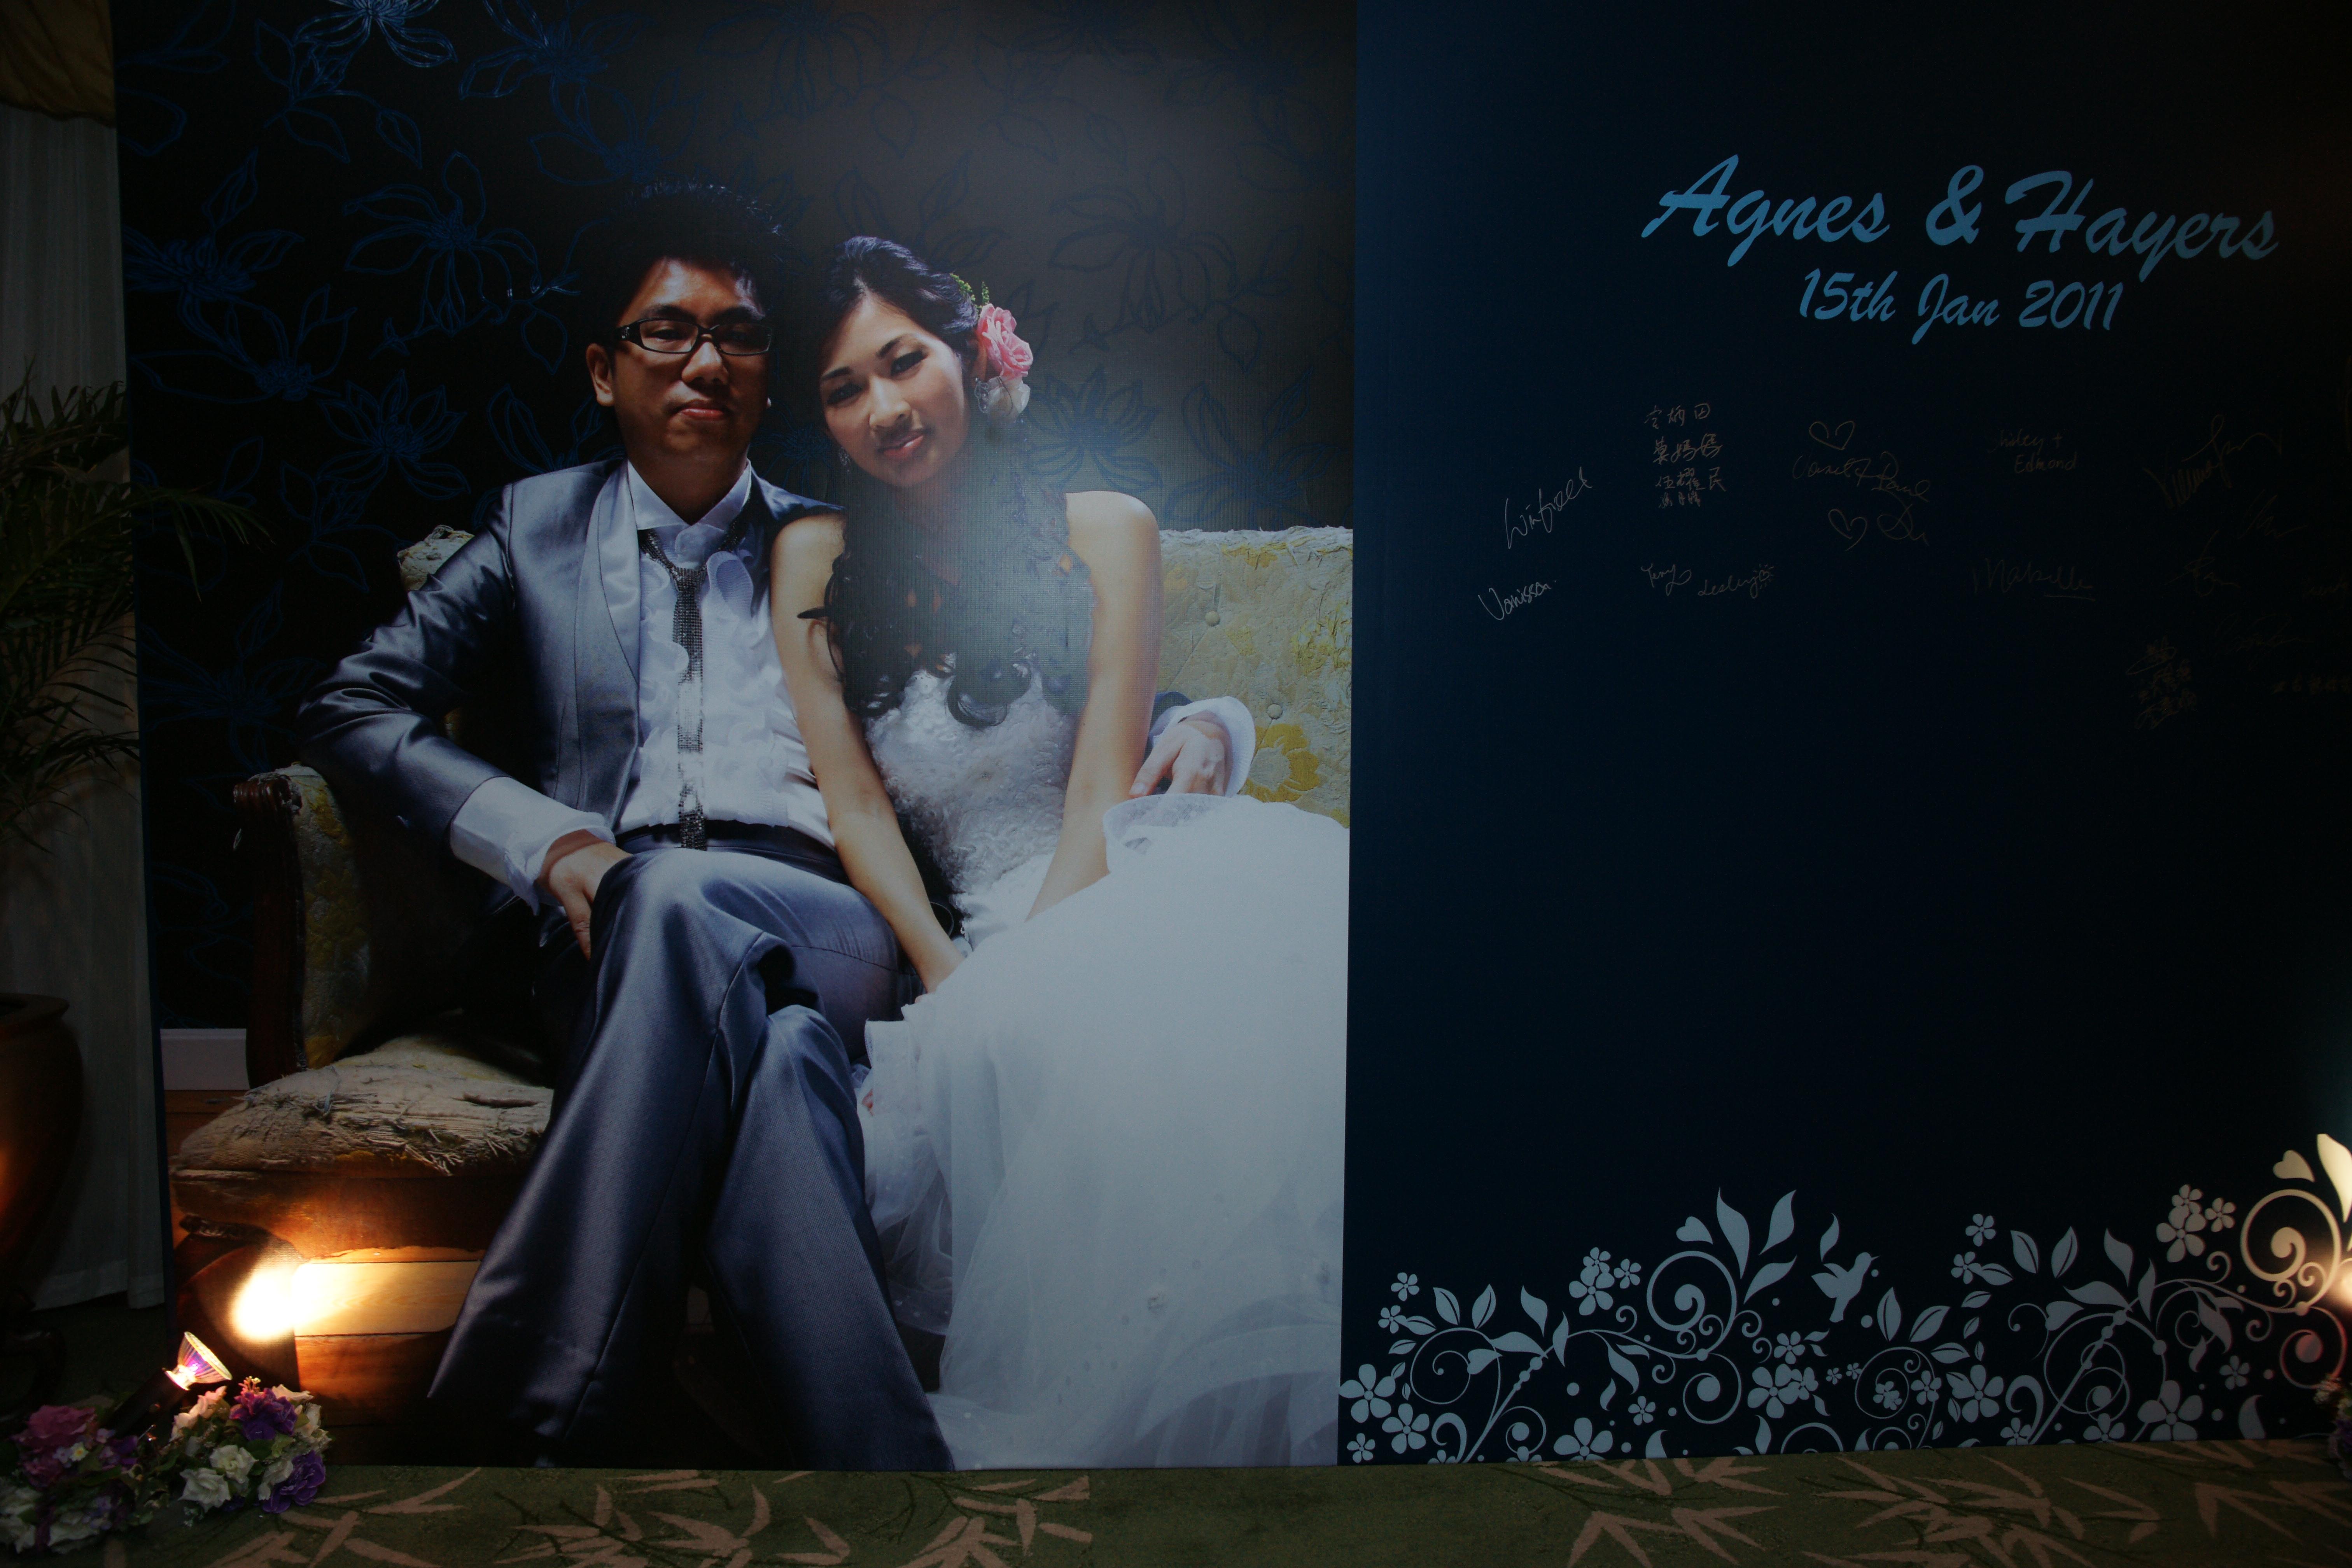 設計及製作你們的簽名佈景板(噴畫)   UZ Wedding